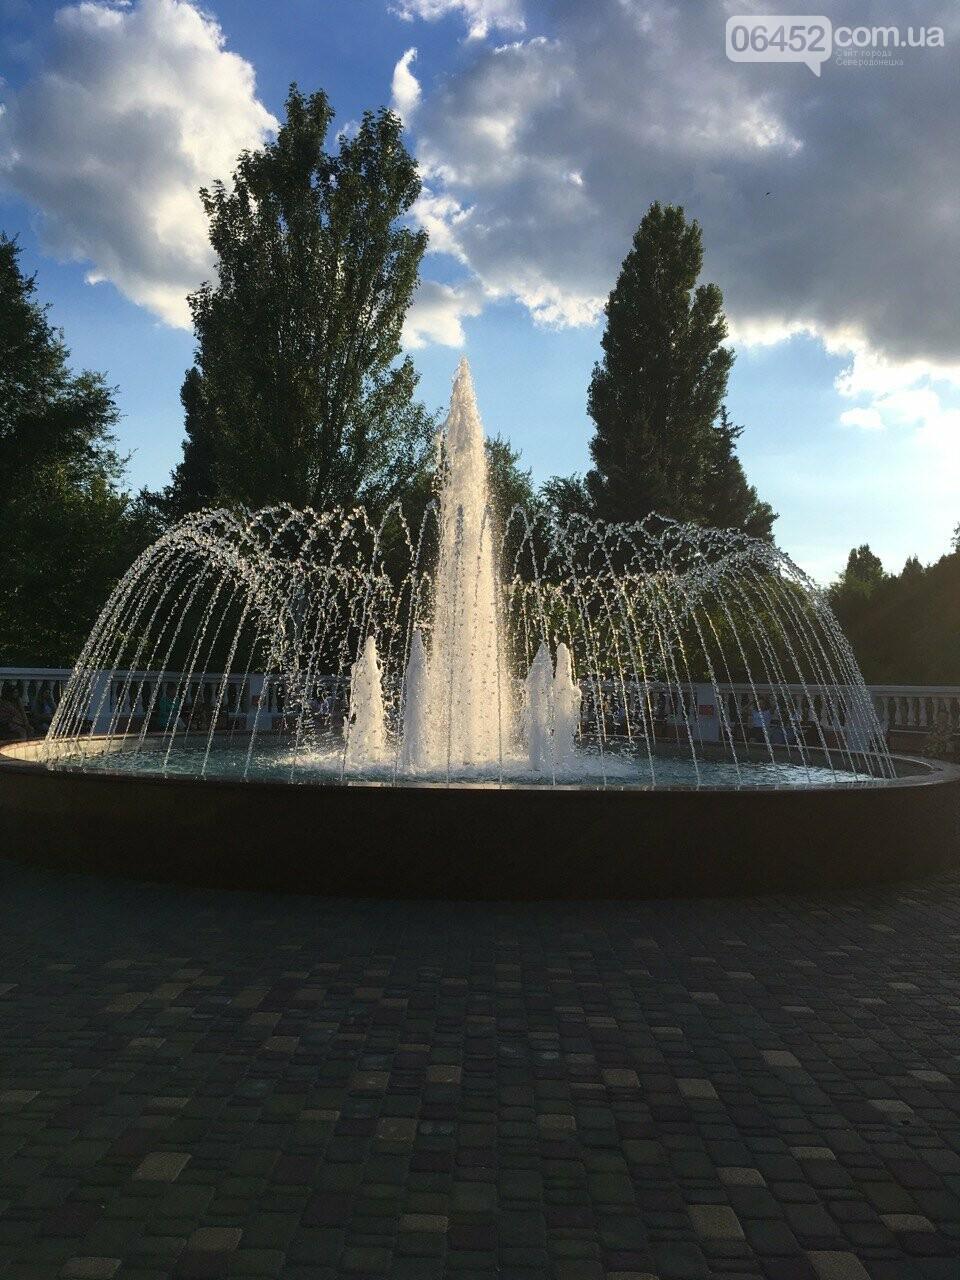 Северодонецк - город фонтанов, фото-5